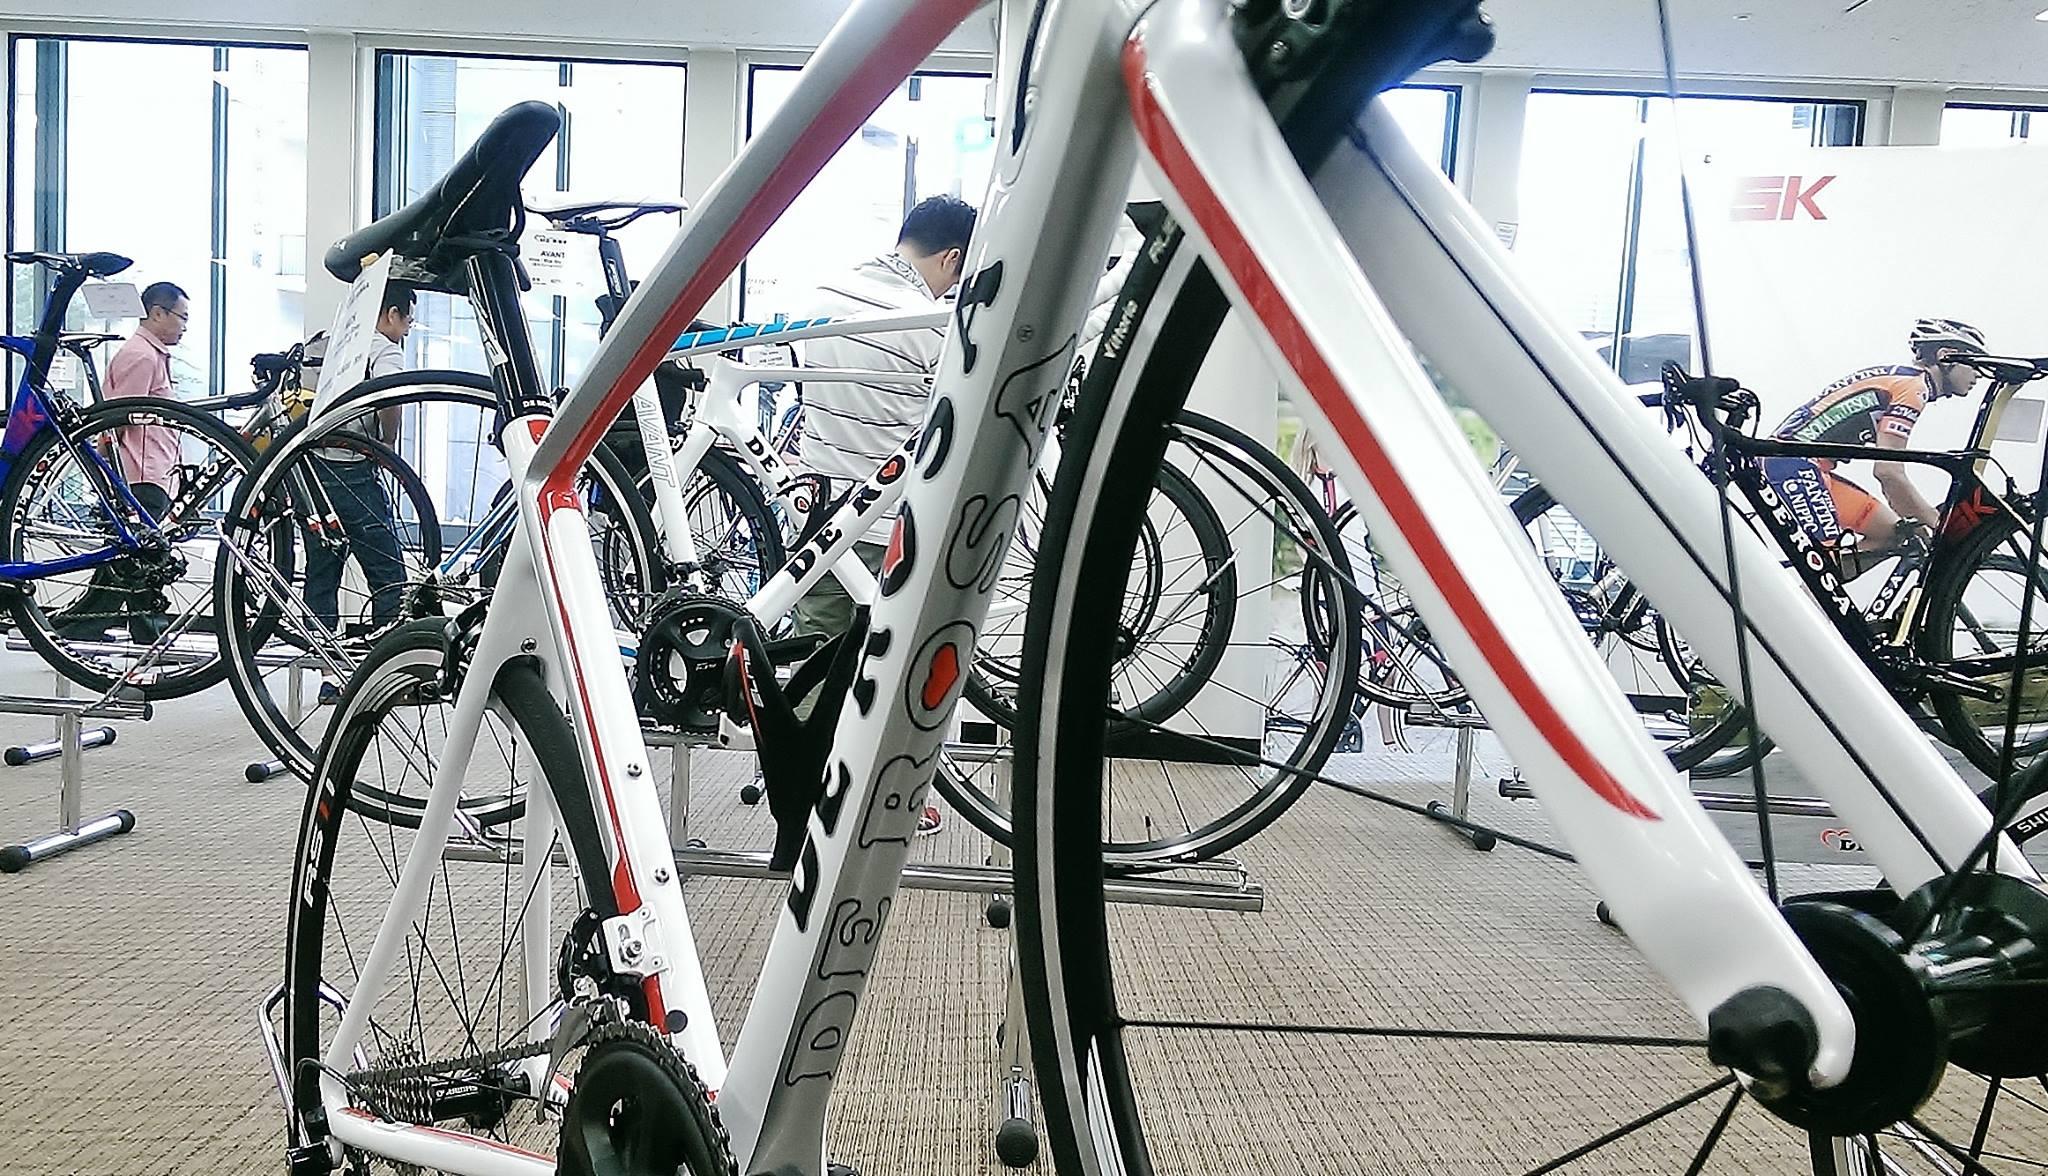 2016 DE ROSA 展示会 デ ローザ イタリアブランド NEWモデル Nick ニック フルカーボン 完成車 サイクリング ロングライド レース 広島県福山市